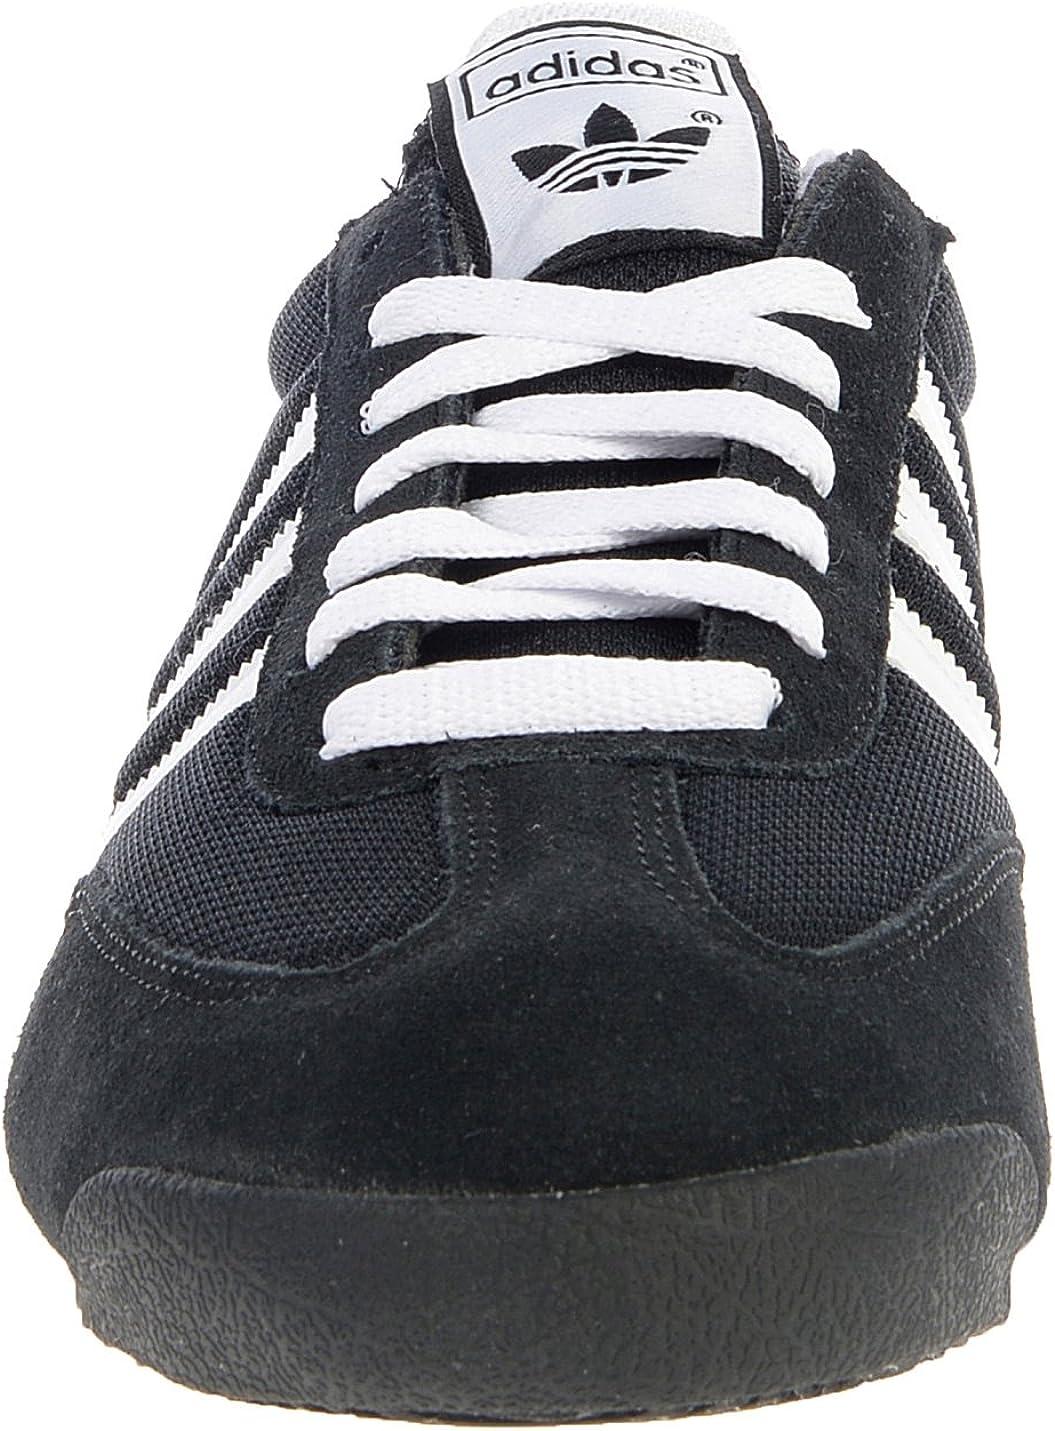 Adidas originals Dragon noirblanc Chaussures mode ville